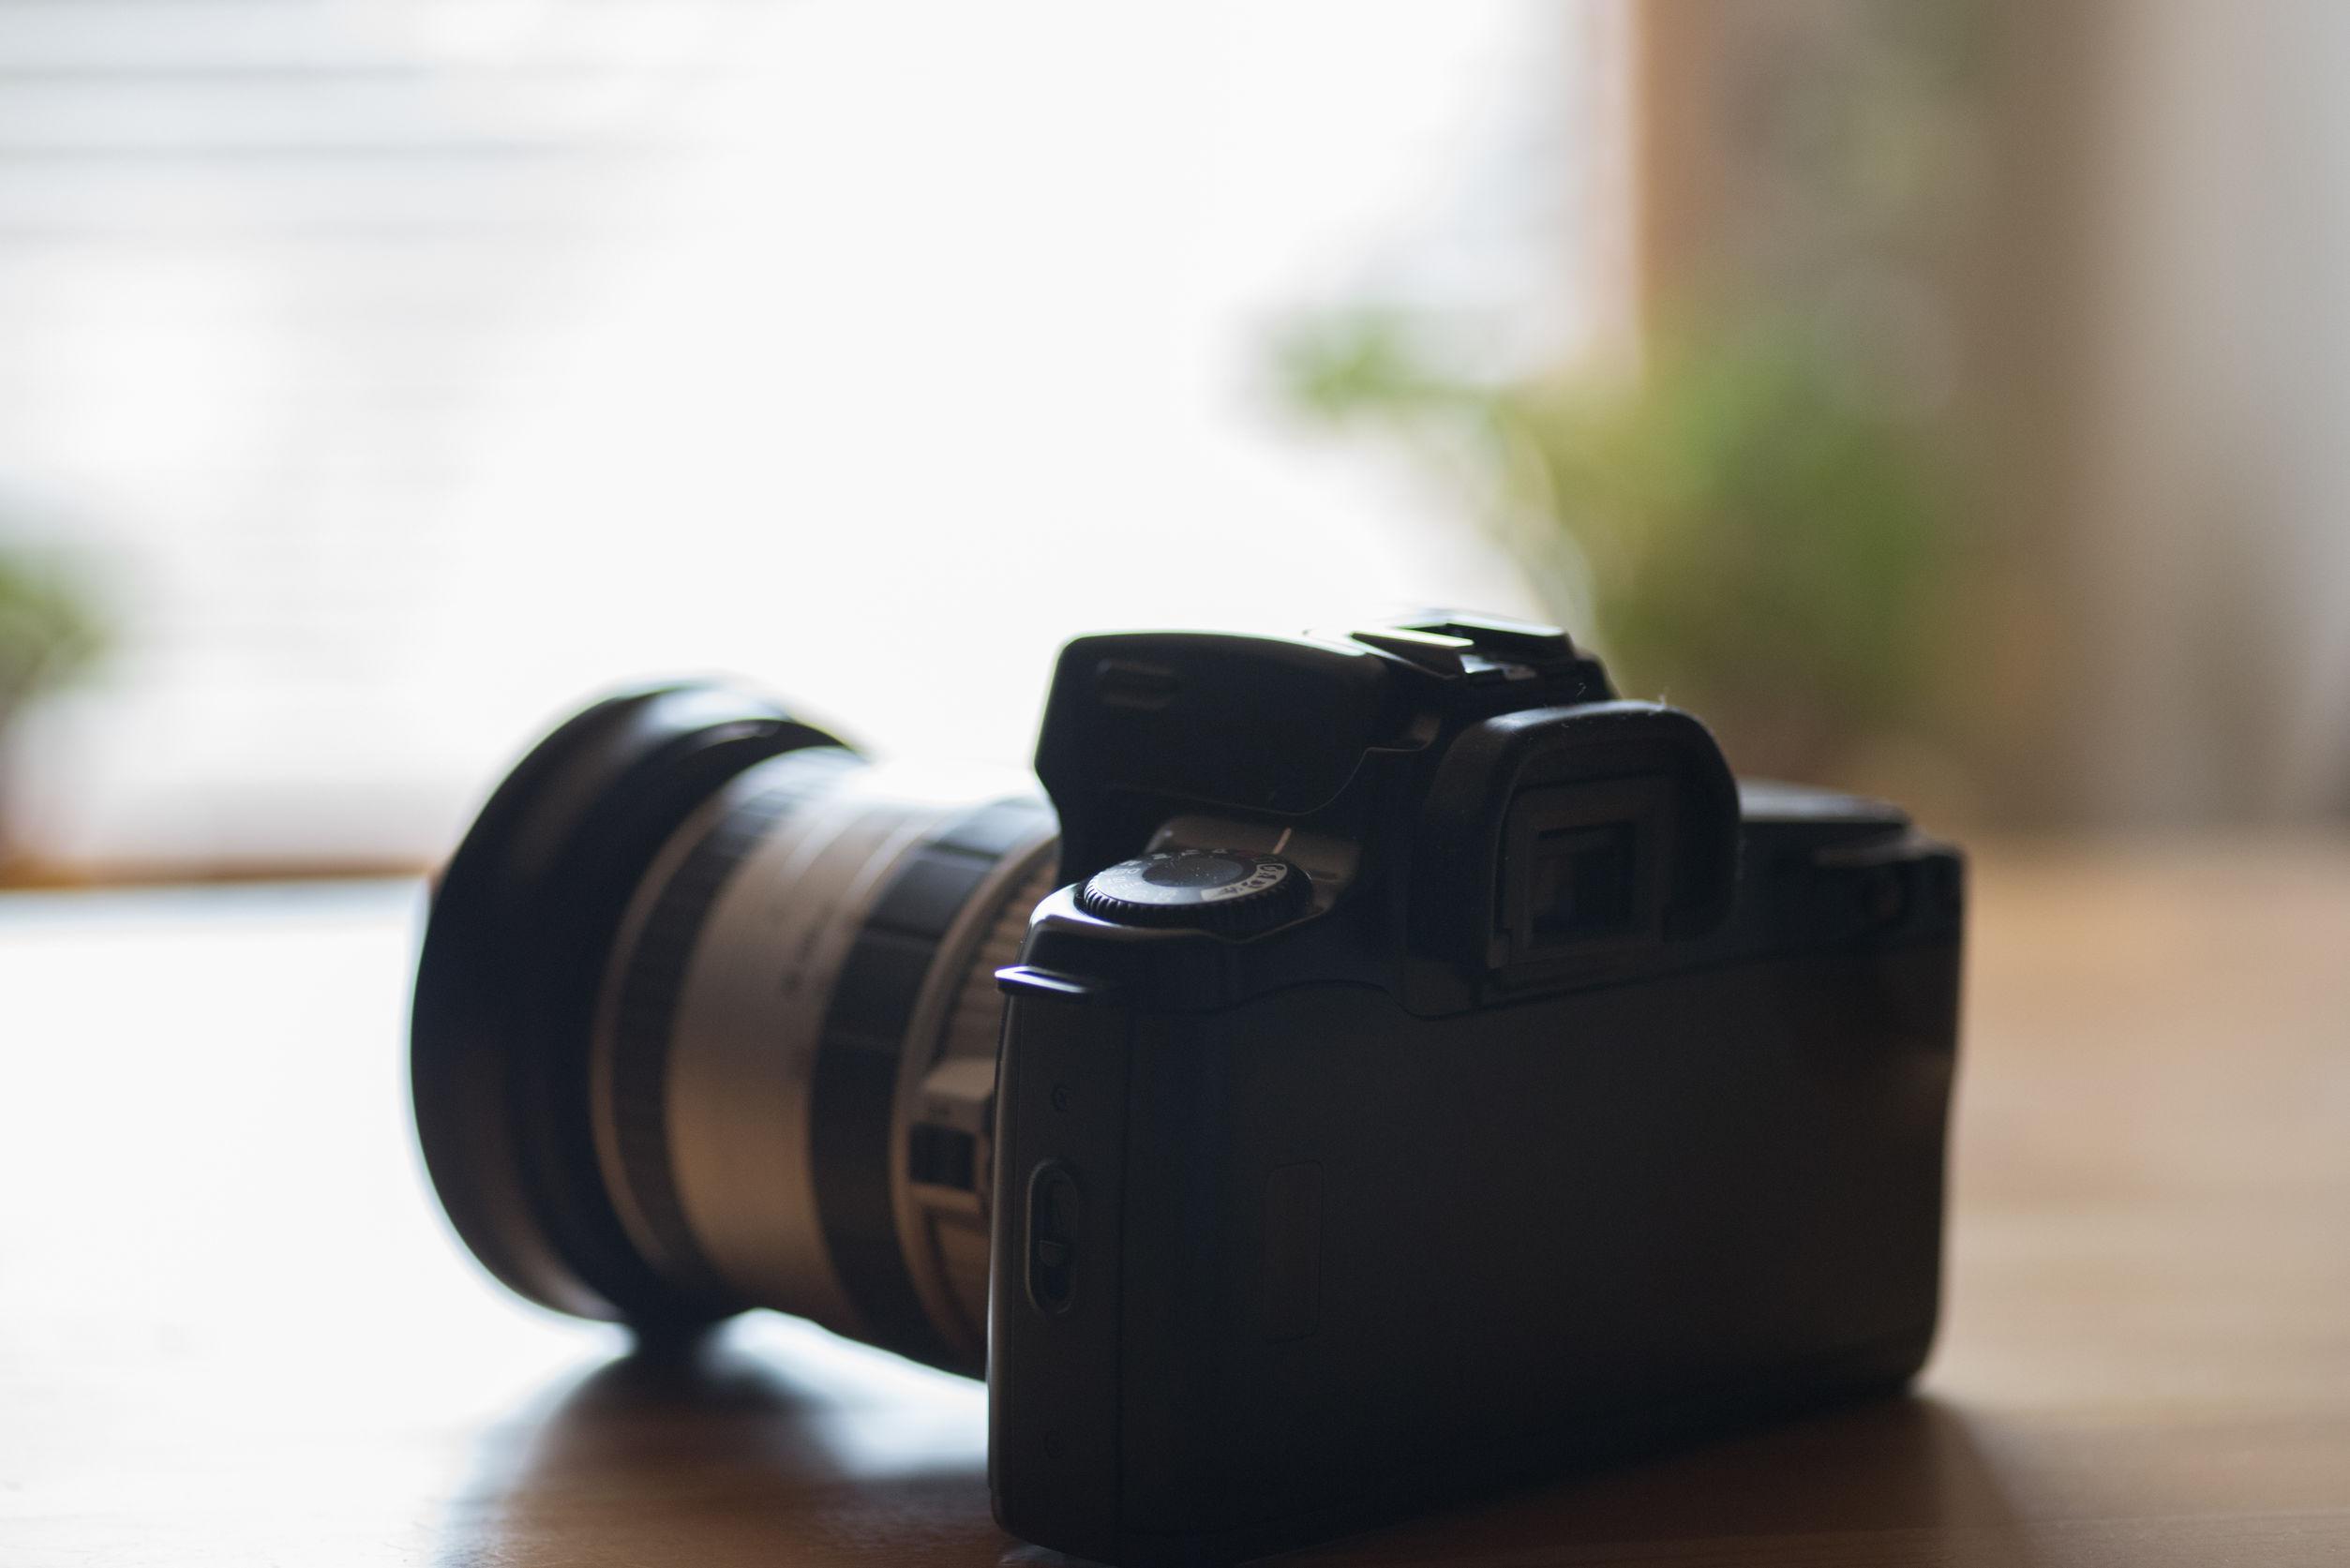 Miglior fotocamera reflex 2020: Guida all'acquisto